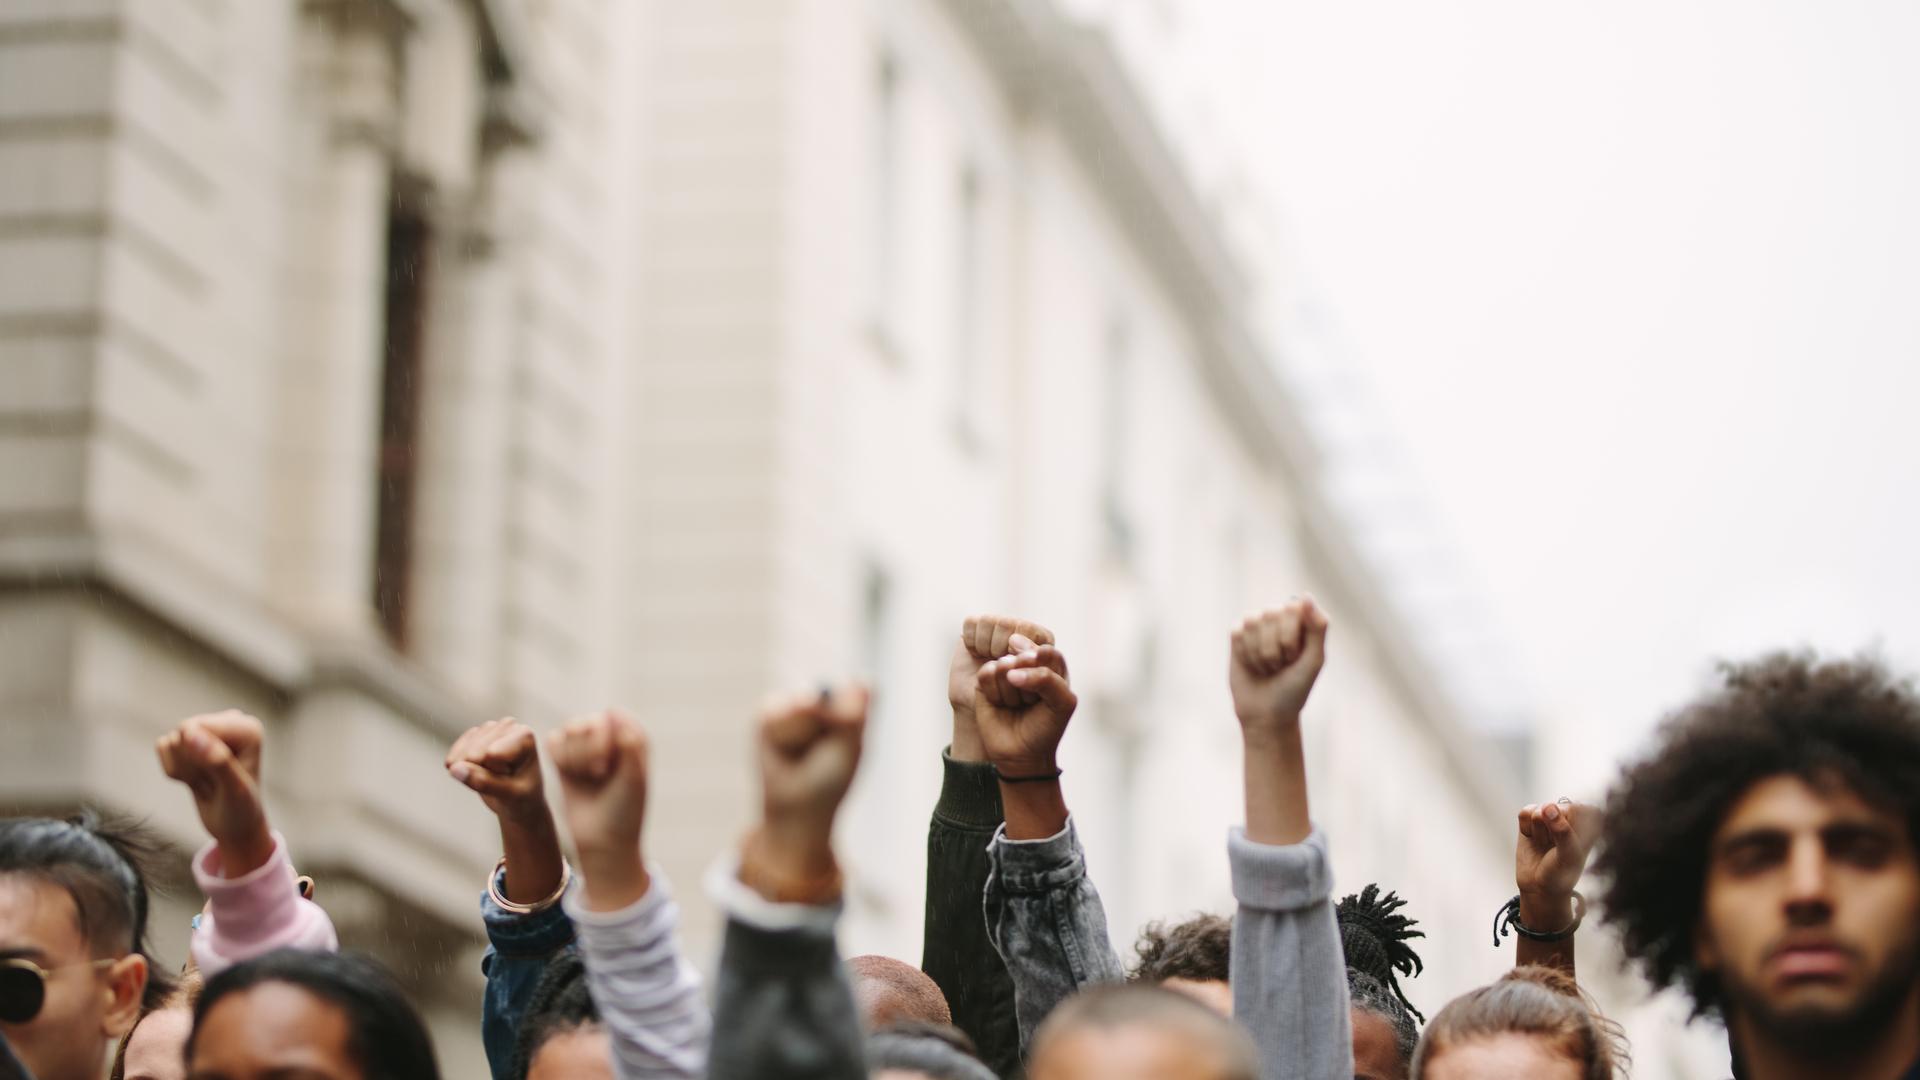 """Clientes da empresa do """"Faraó dos bitcoins"""" protestam contra autoridades"""